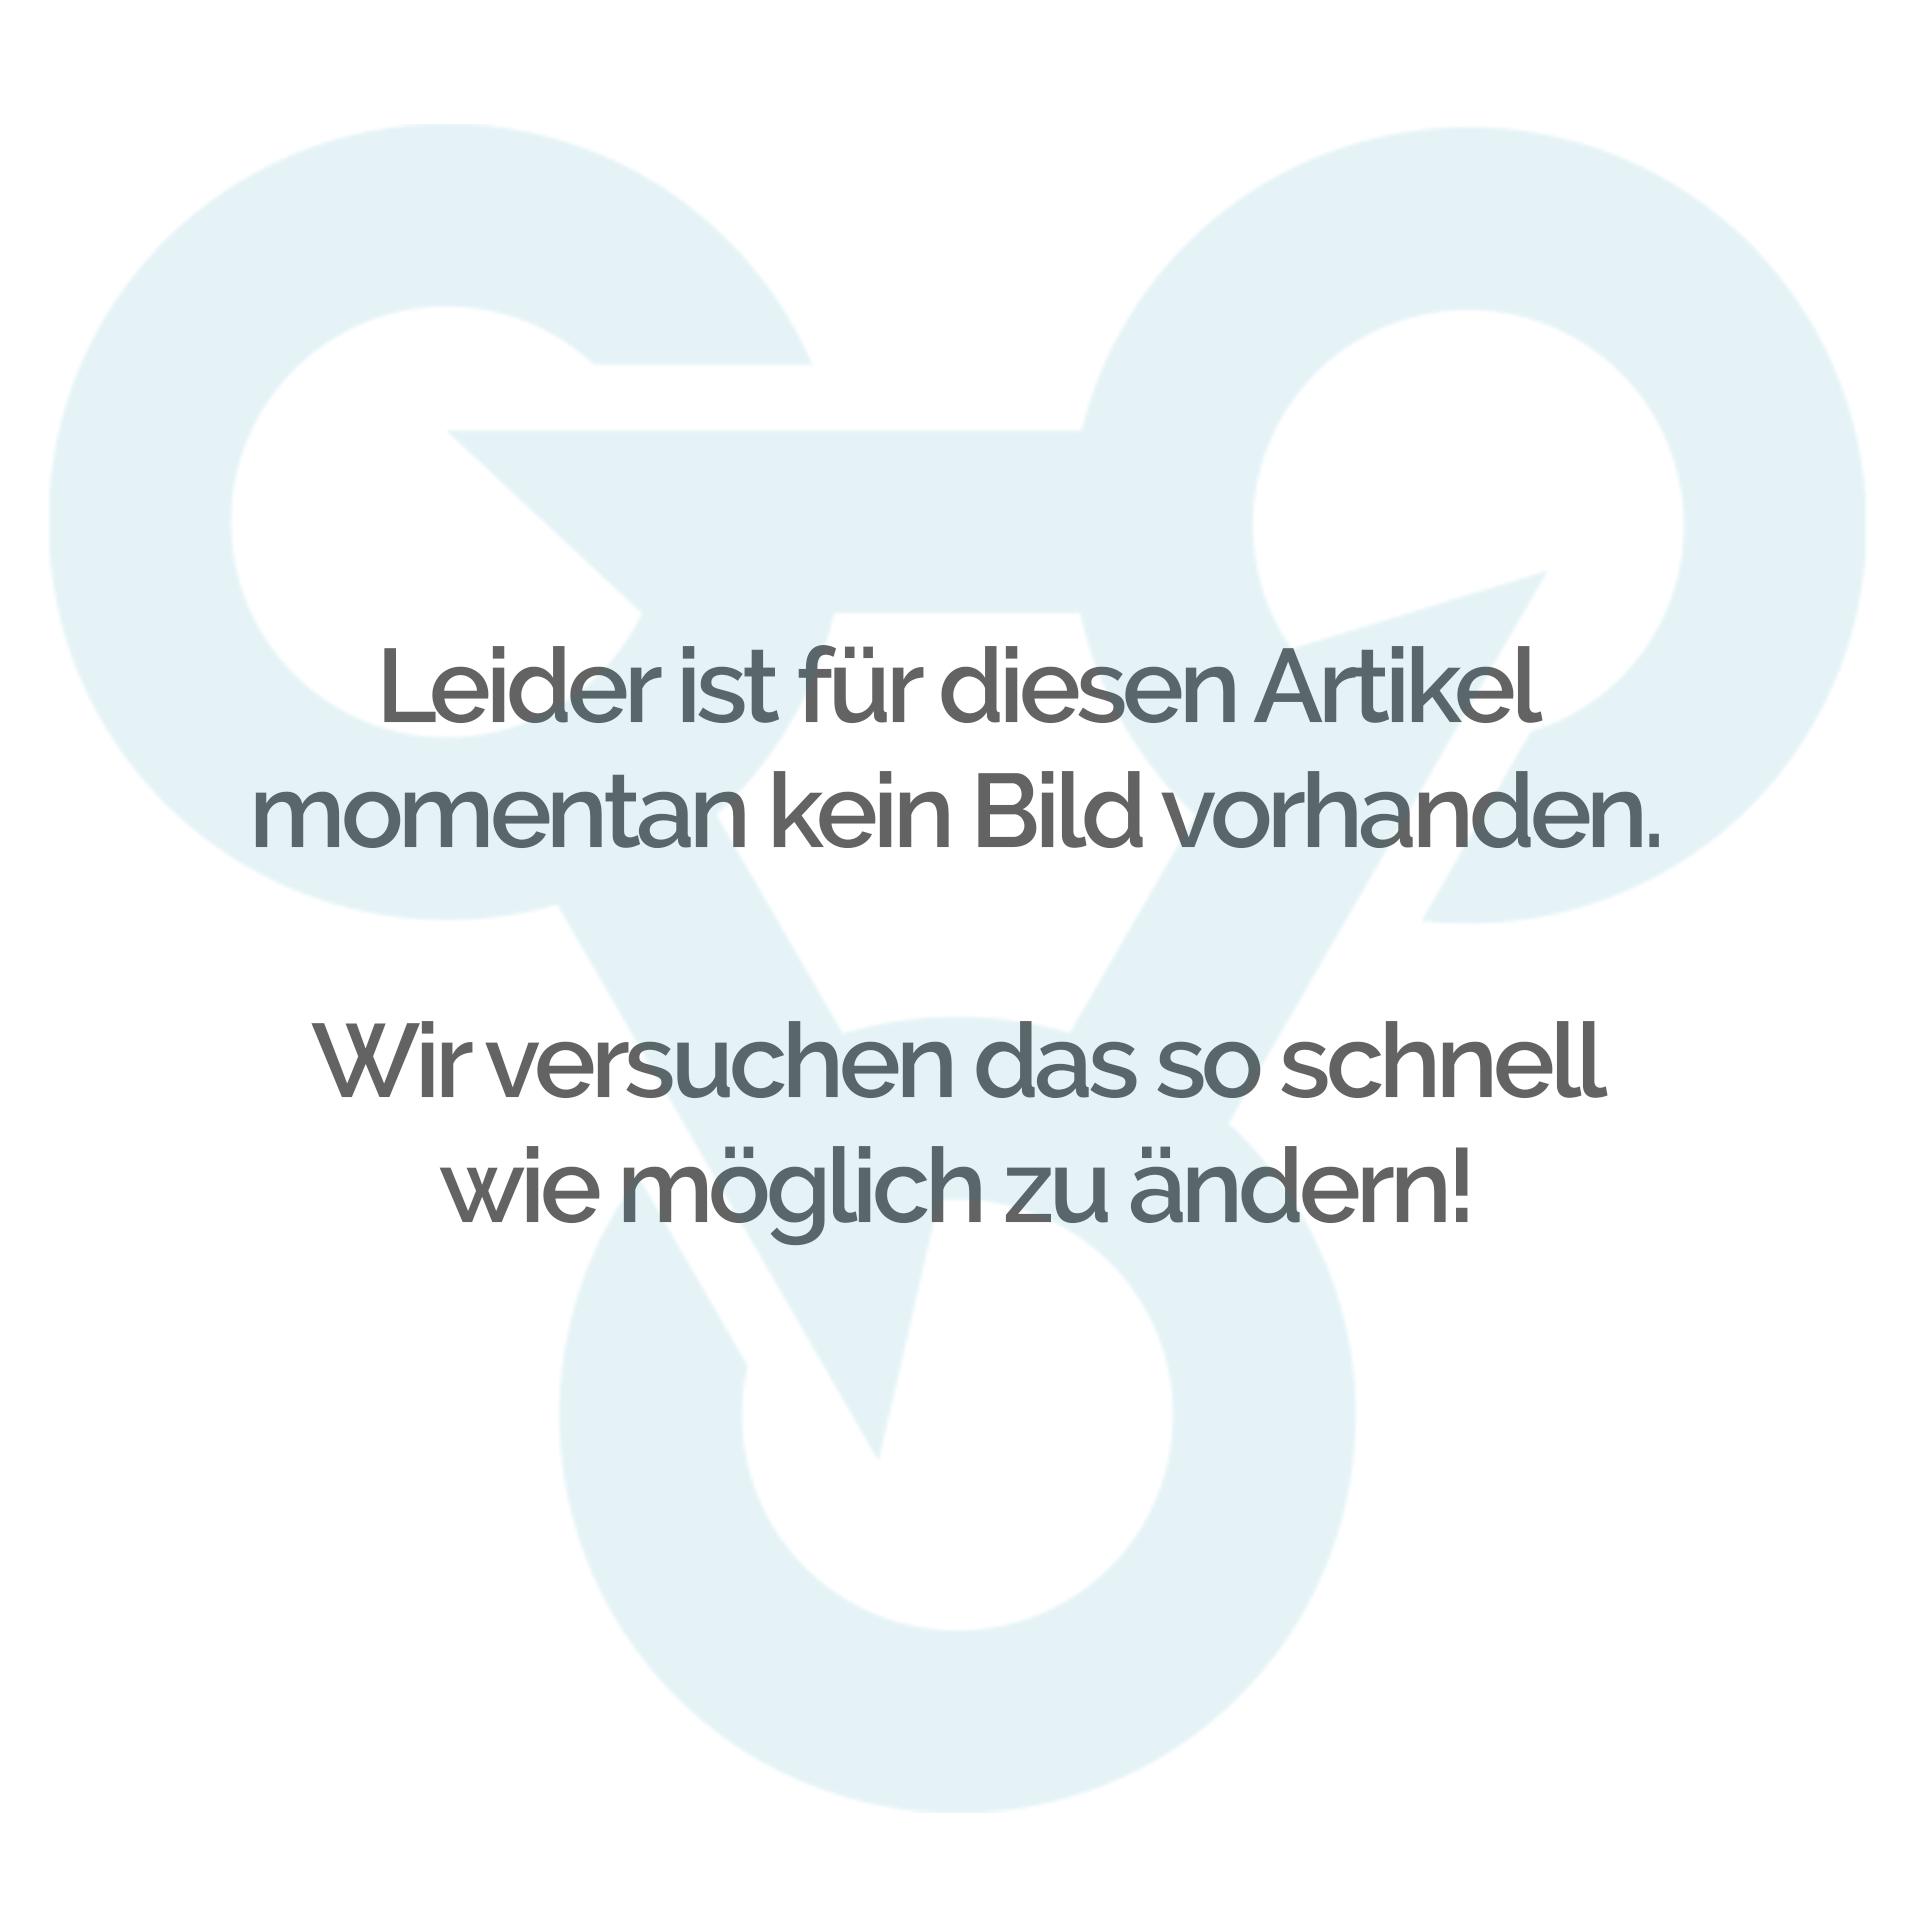 Sportlicher MotorrollerGilera Runner SP 50  DigitaltachoVariomatik schwarz